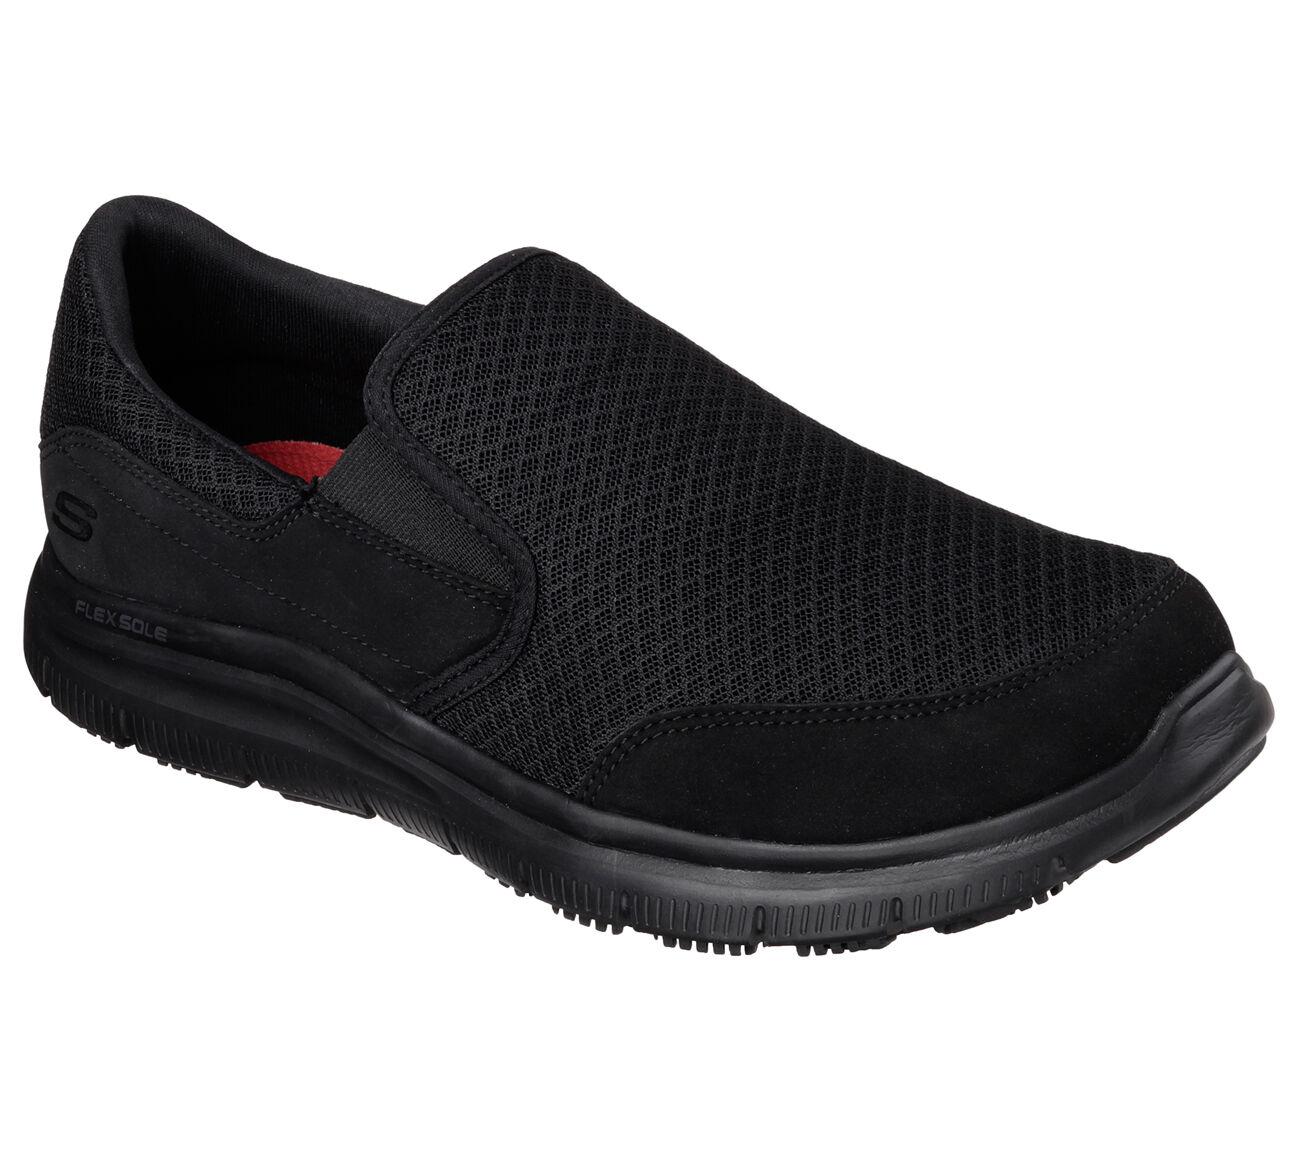 77048 Black Skechers shoe Work New Men Sporty Comfort Mesh Slipon Slip Resistant